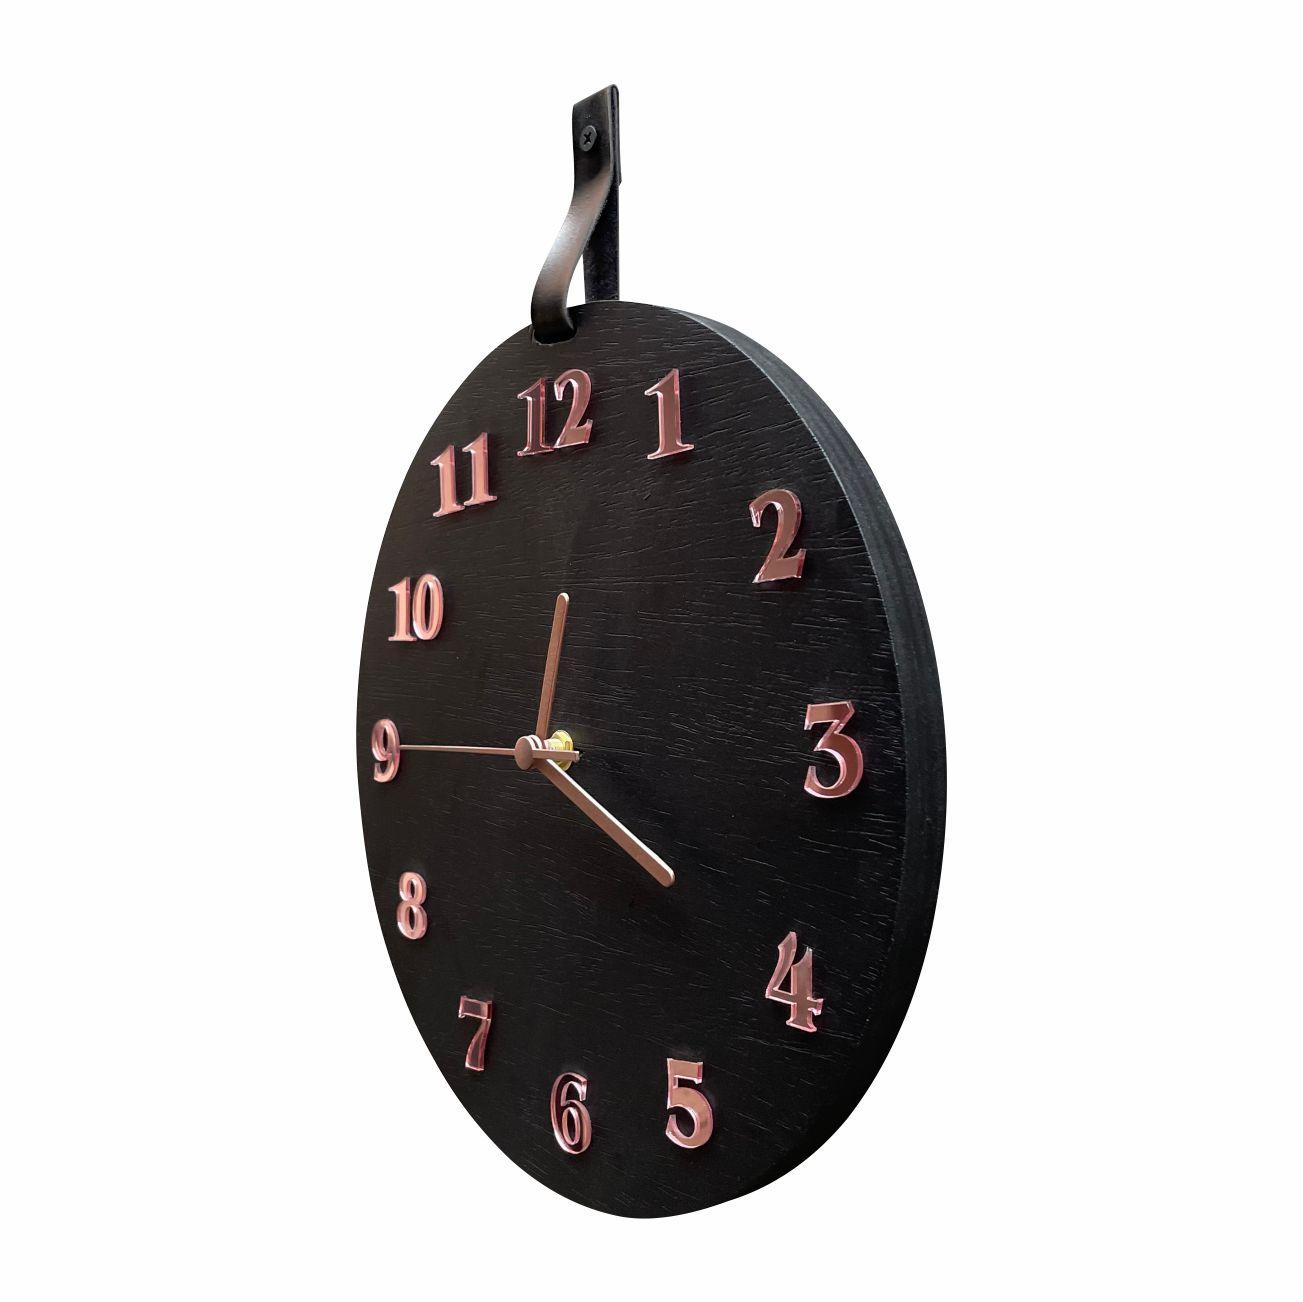 Relógio De Parede Decorativo Moderno Preto Fosco e Rosê